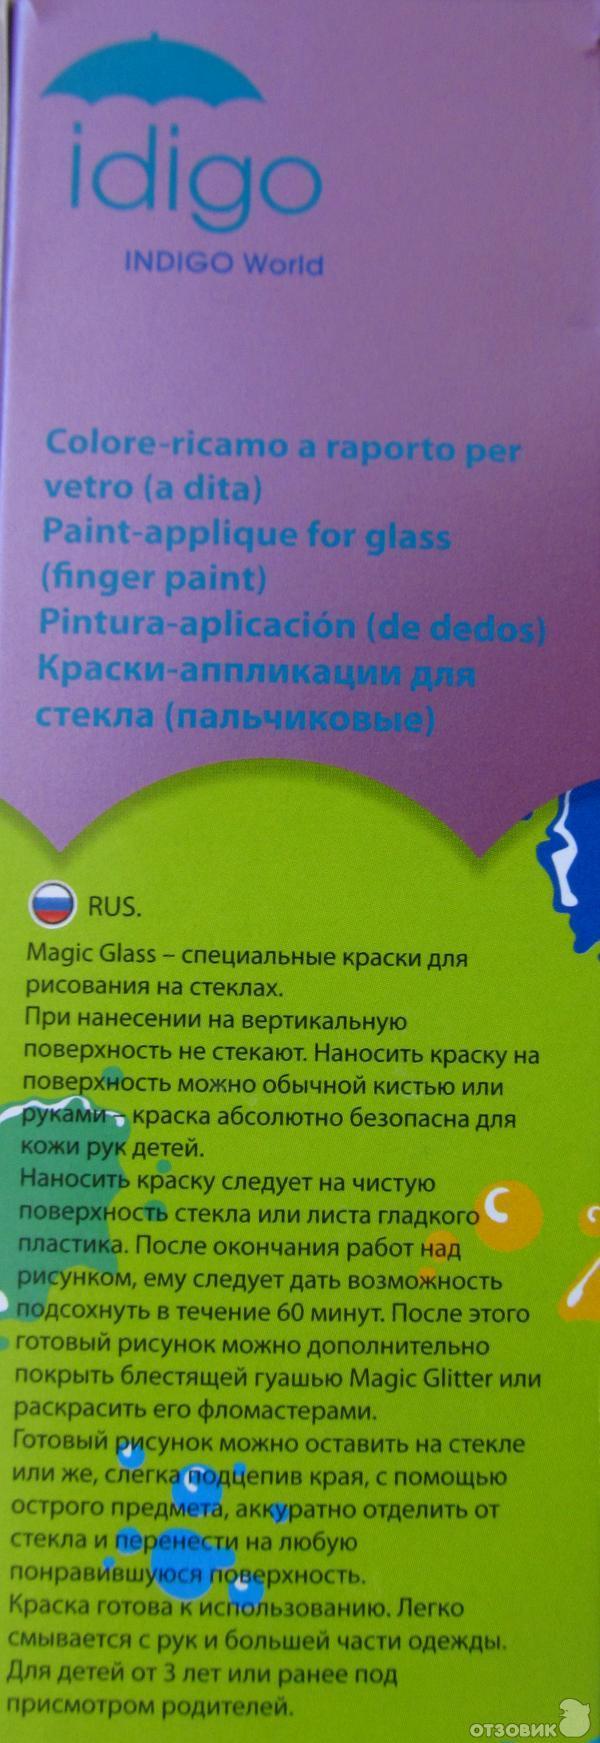 Краски для стекла Idigo